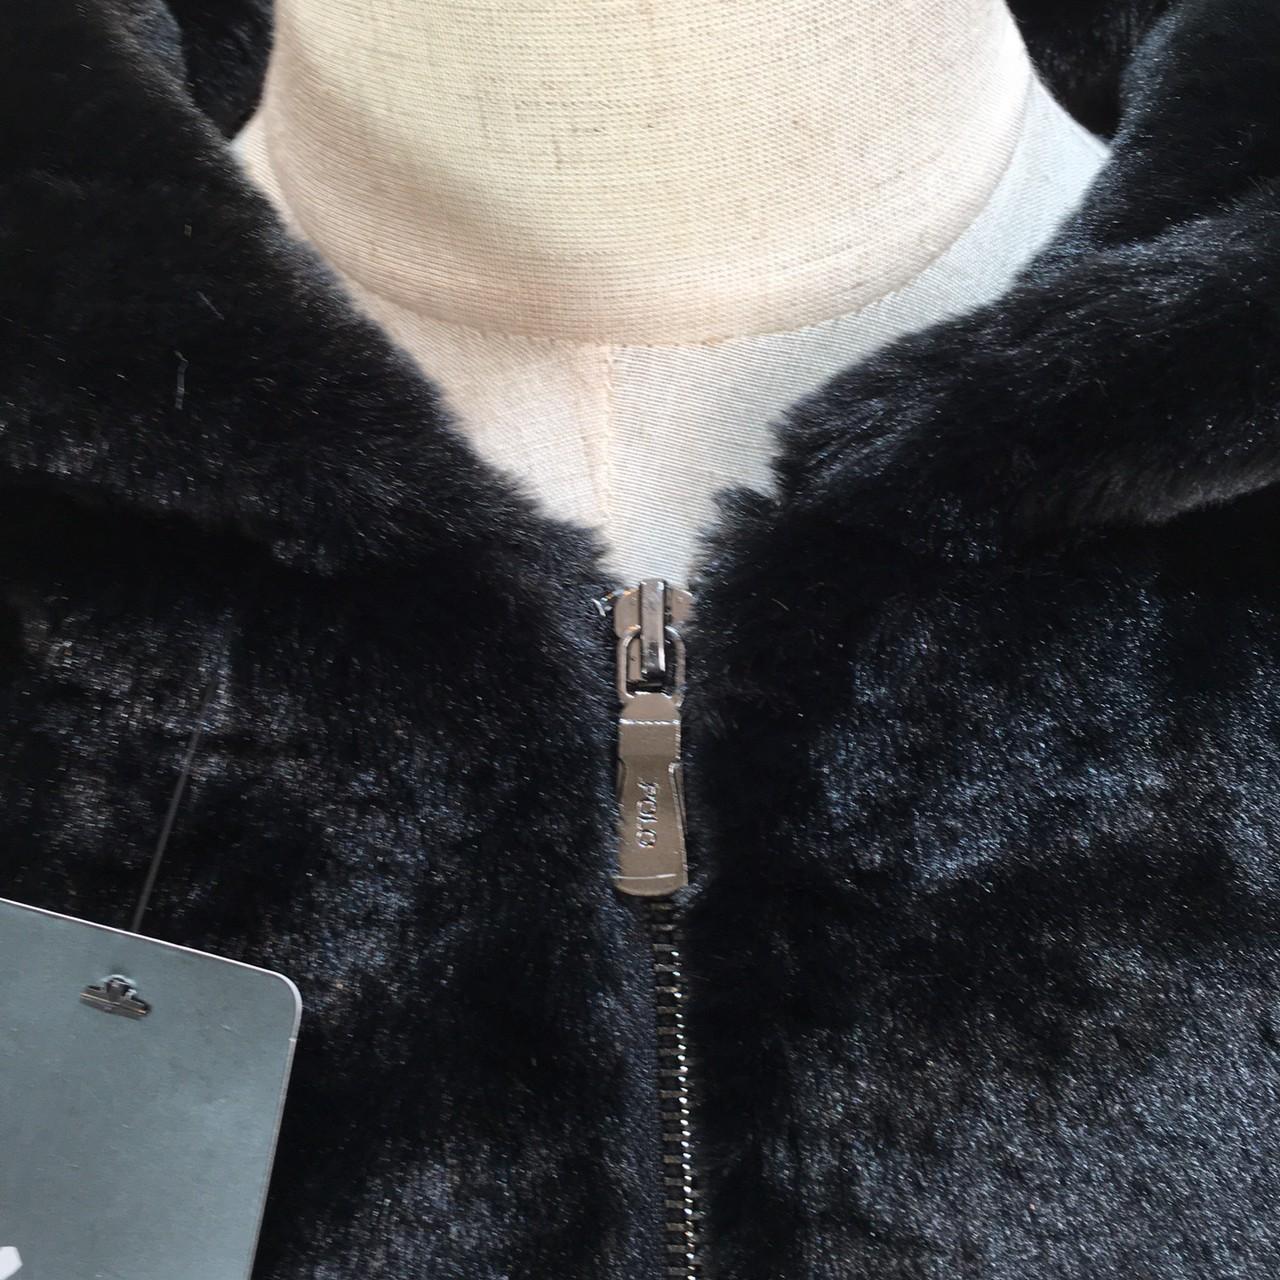 【即納】韓国 ファッション アウター ムートン ファーコート 秋 冬 カジュアル SPTXC599  もこもこ ふわふわ エコファー パーカー オーバーサイズ フ オルチャン シンプル 定番 セレカジの写真14枚目